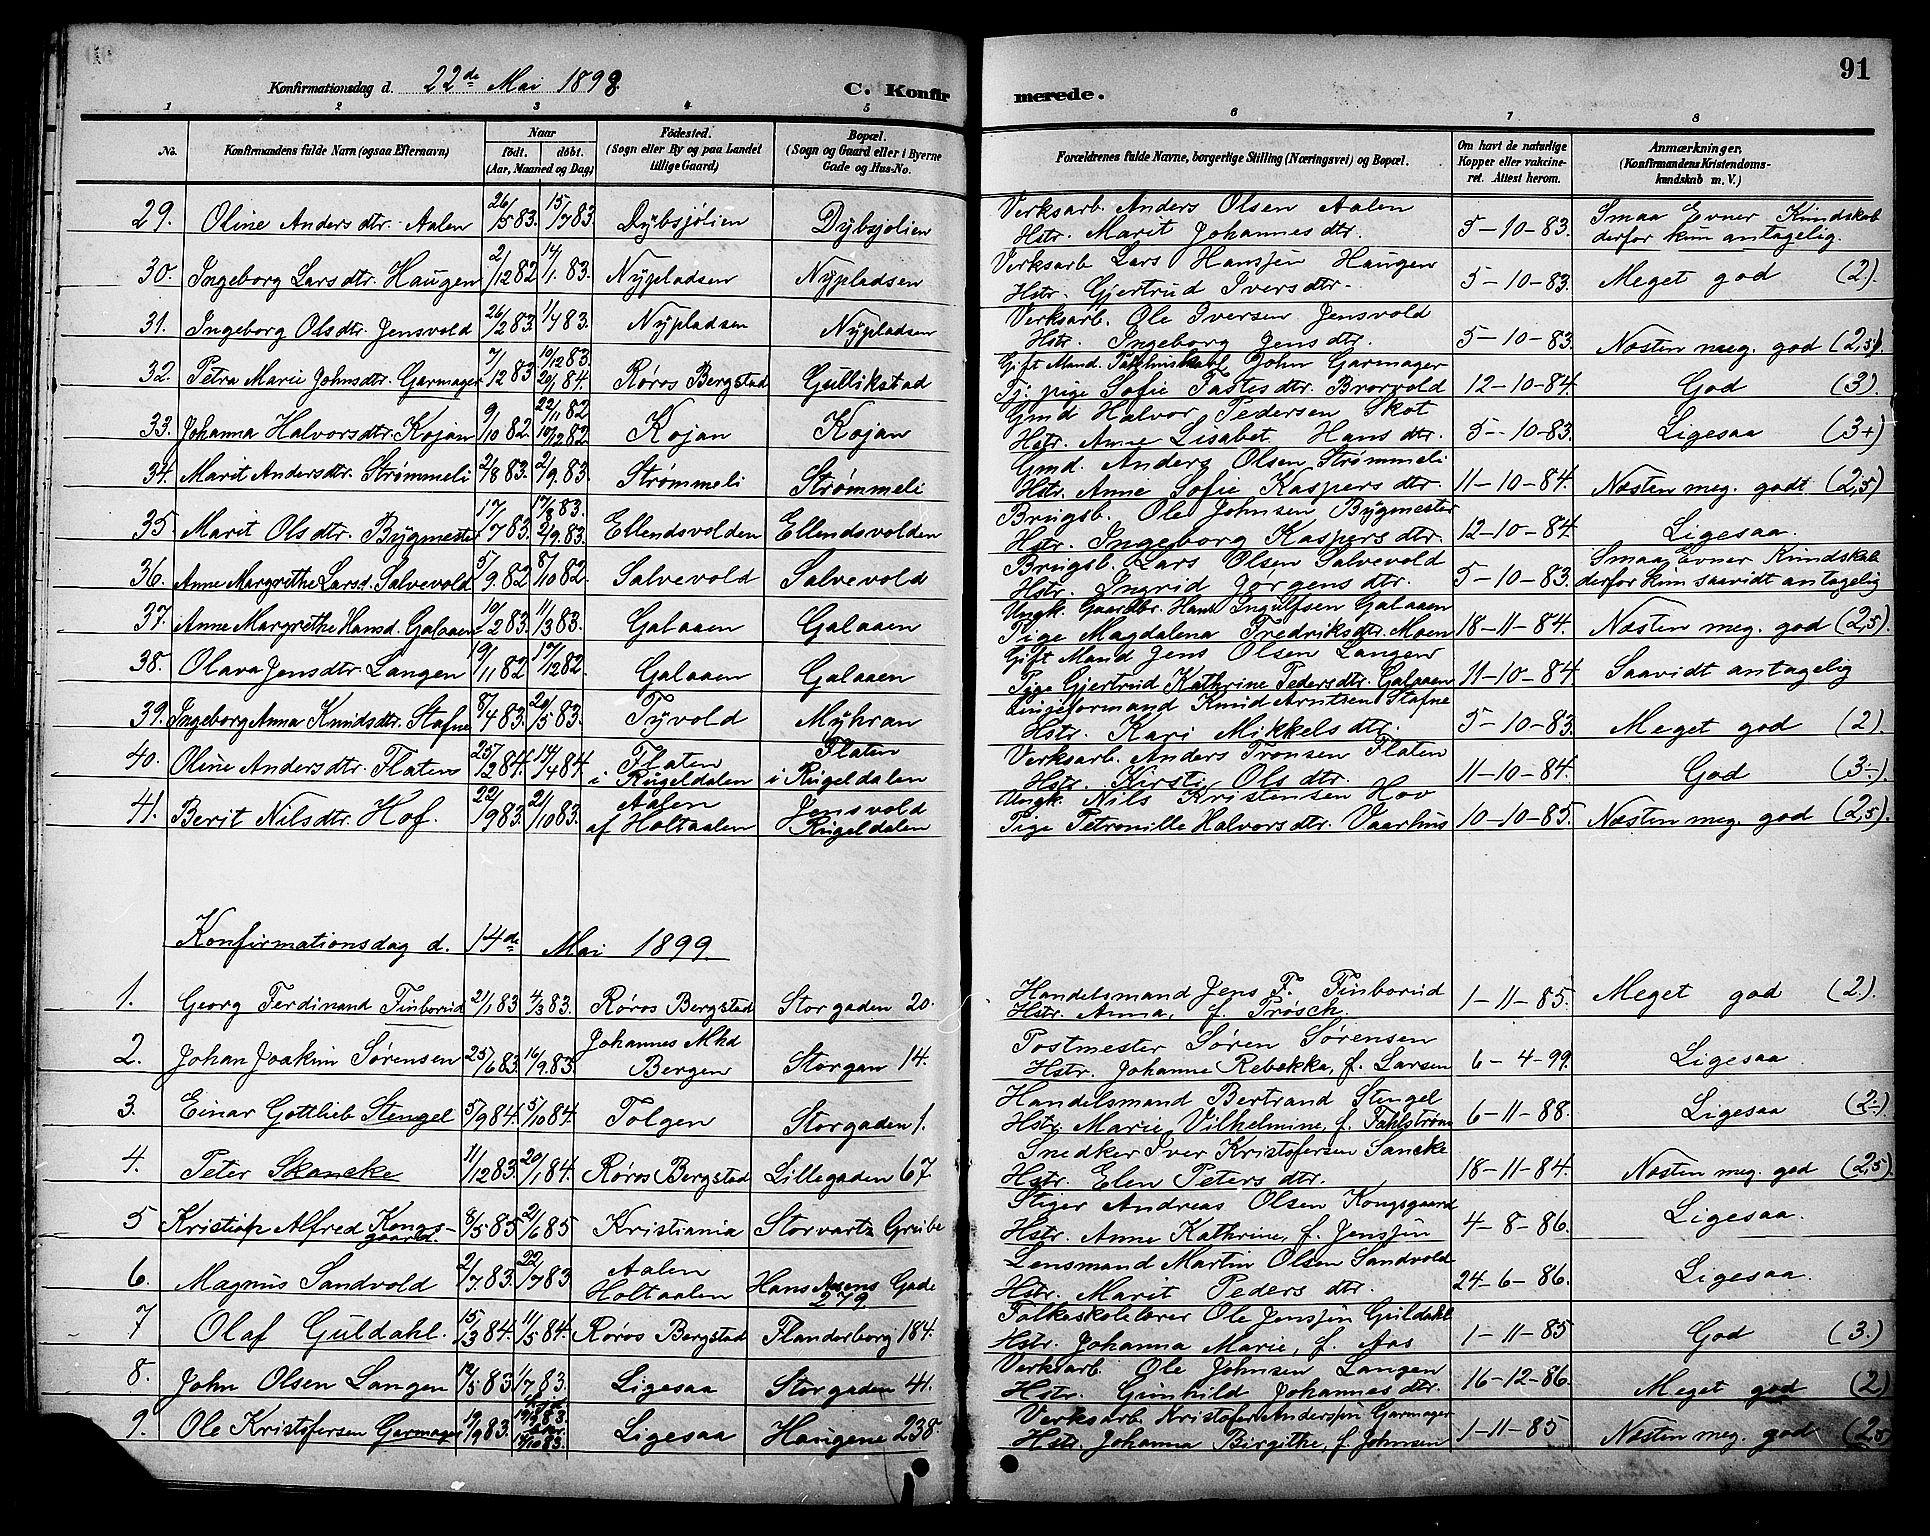 SAT, Ministerialprotokoller, klokkerbøker og fødselsregistre - Sør-Trøndelag, 681/L0941: Klokkerbok nr. 681C05, 1896-1905, s. 91